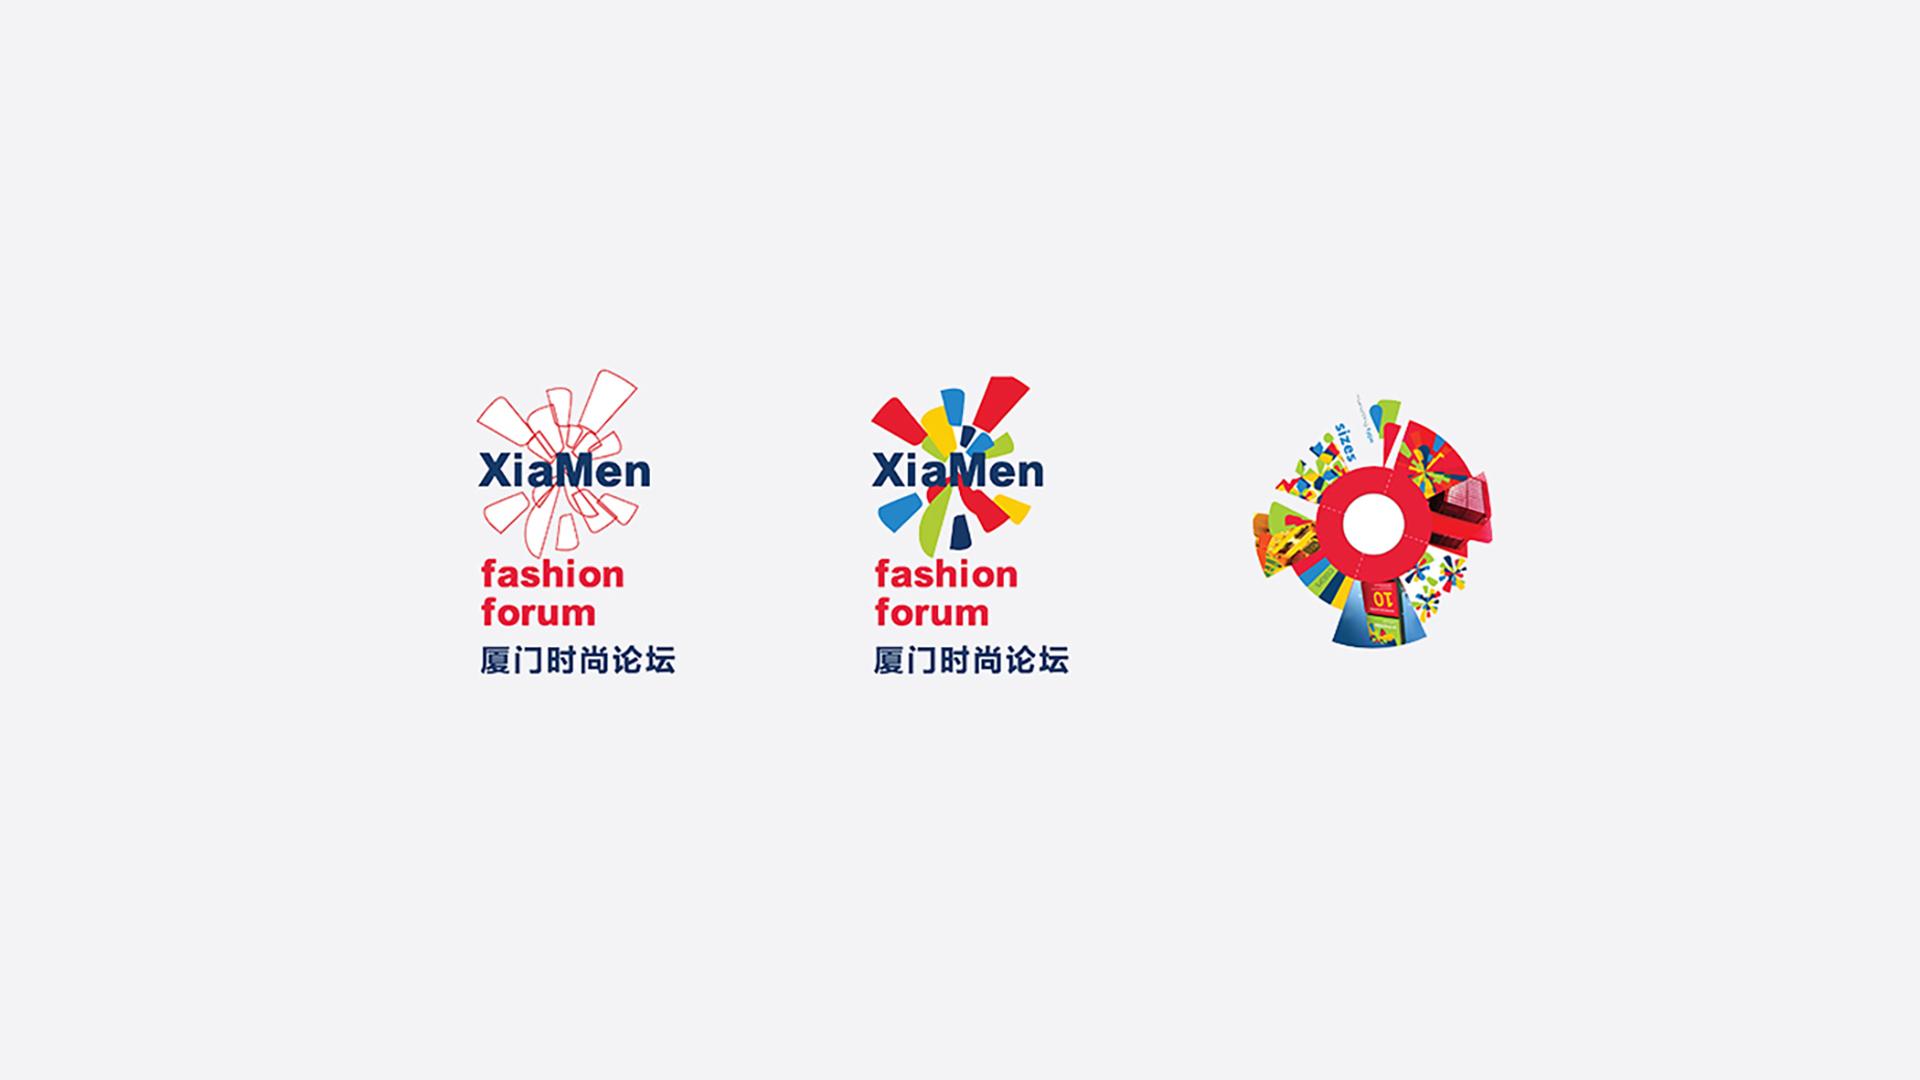 厦门时尚论坛 标识设计原理展示